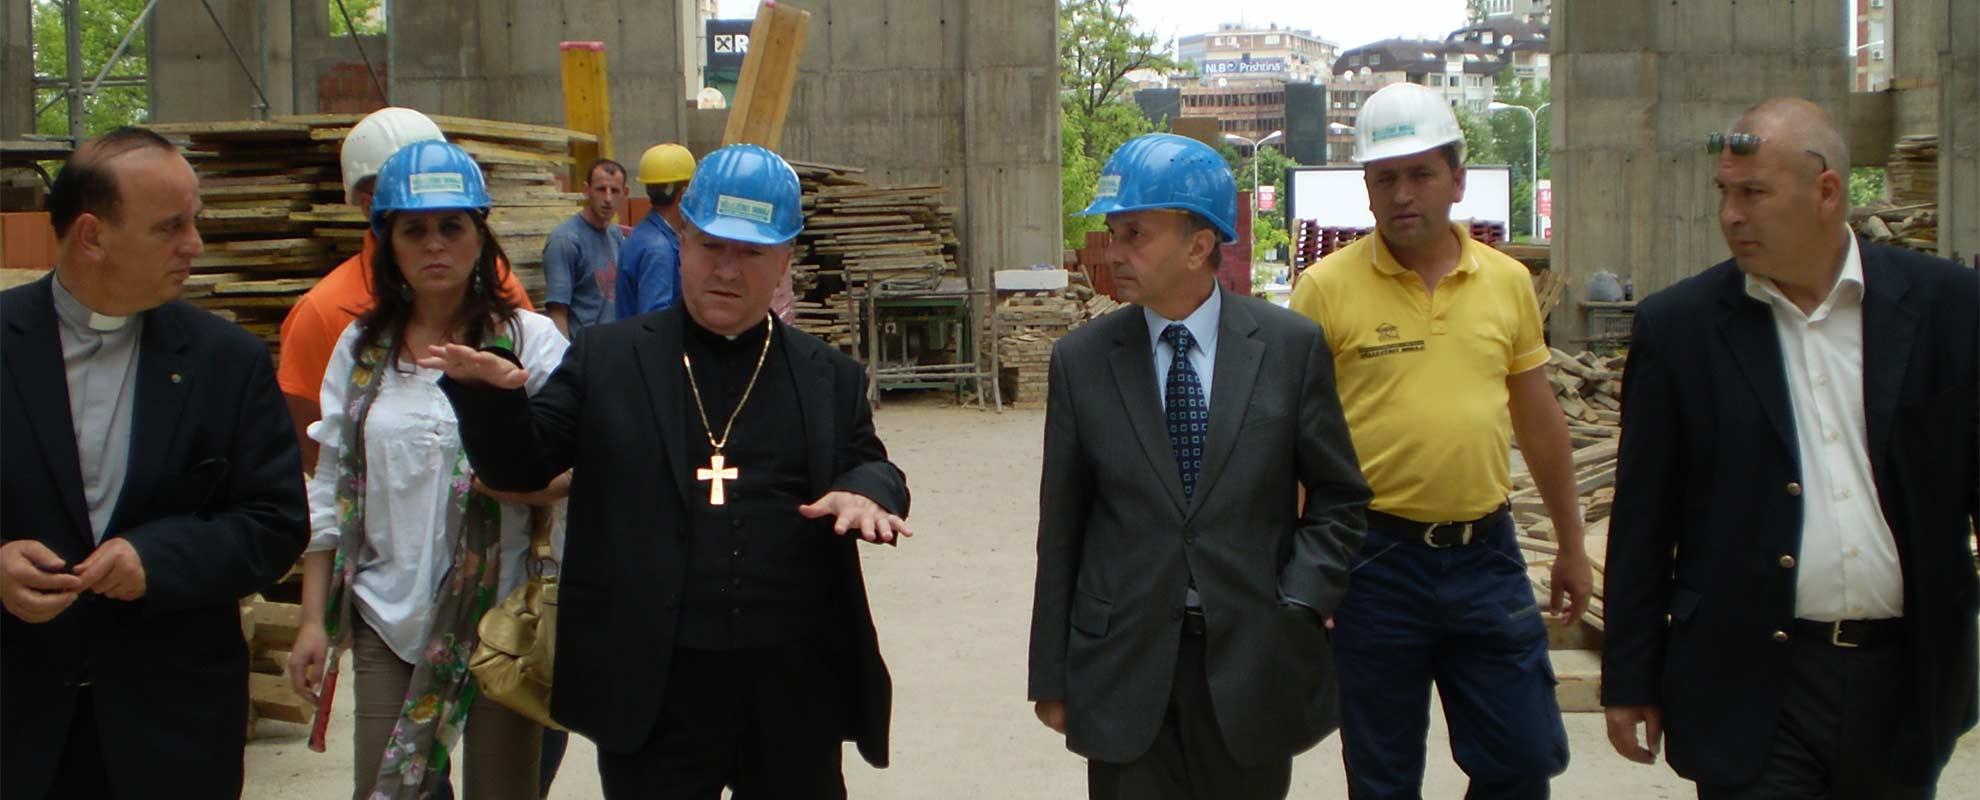 Primera catedral consagrada a la Madre Teresa de Calcuta en el mundo, construida en Kosovo con el apoyo de ACN